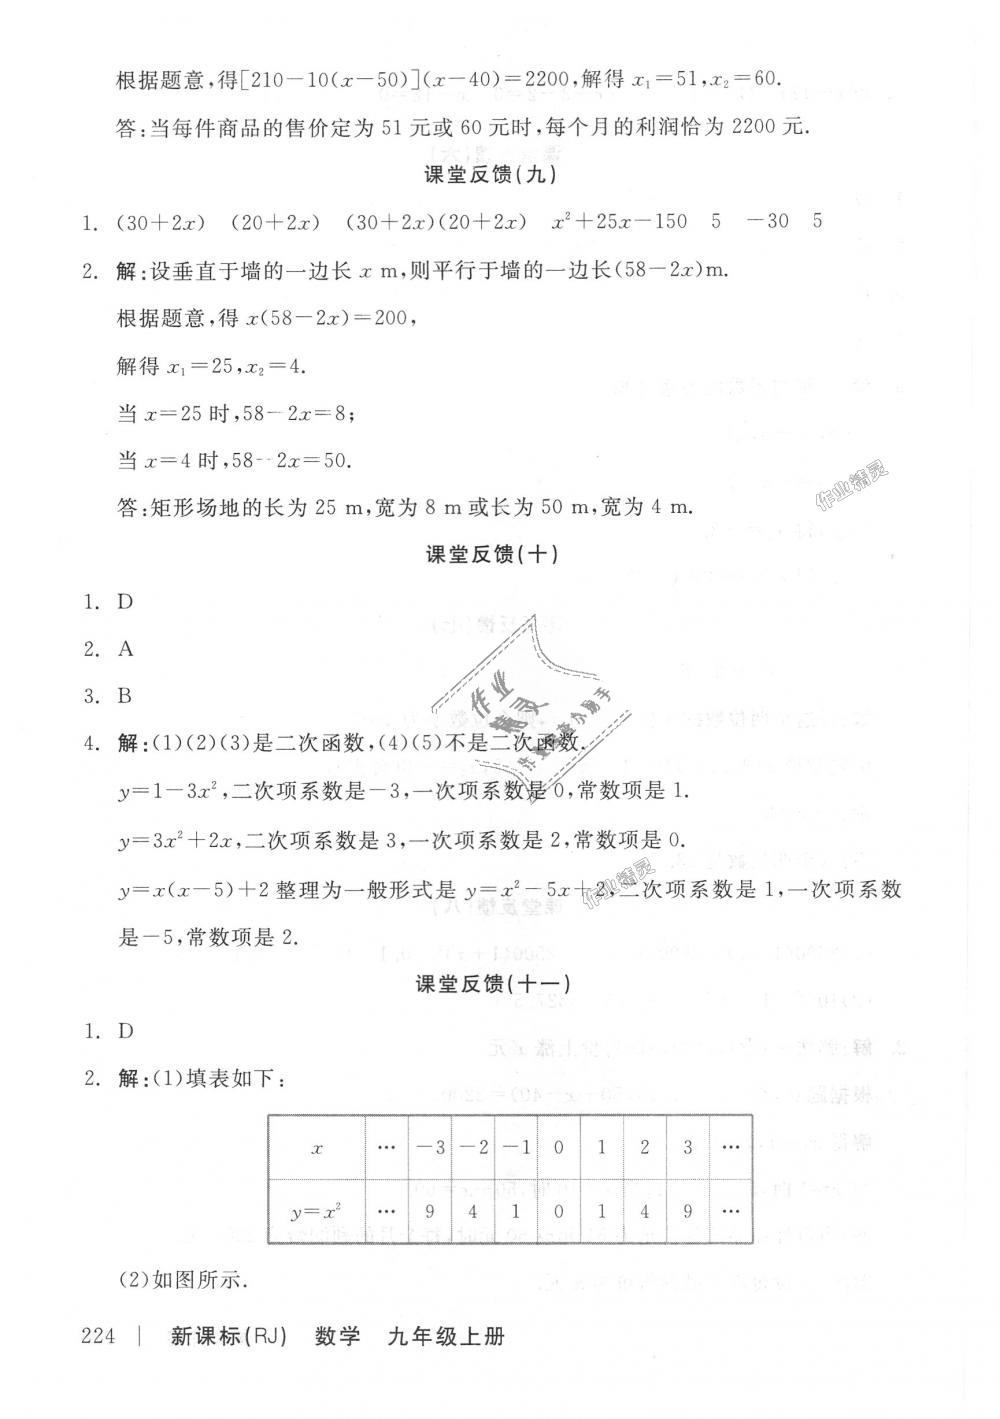 2018年全品学练考九年级数学上册人教版第18页